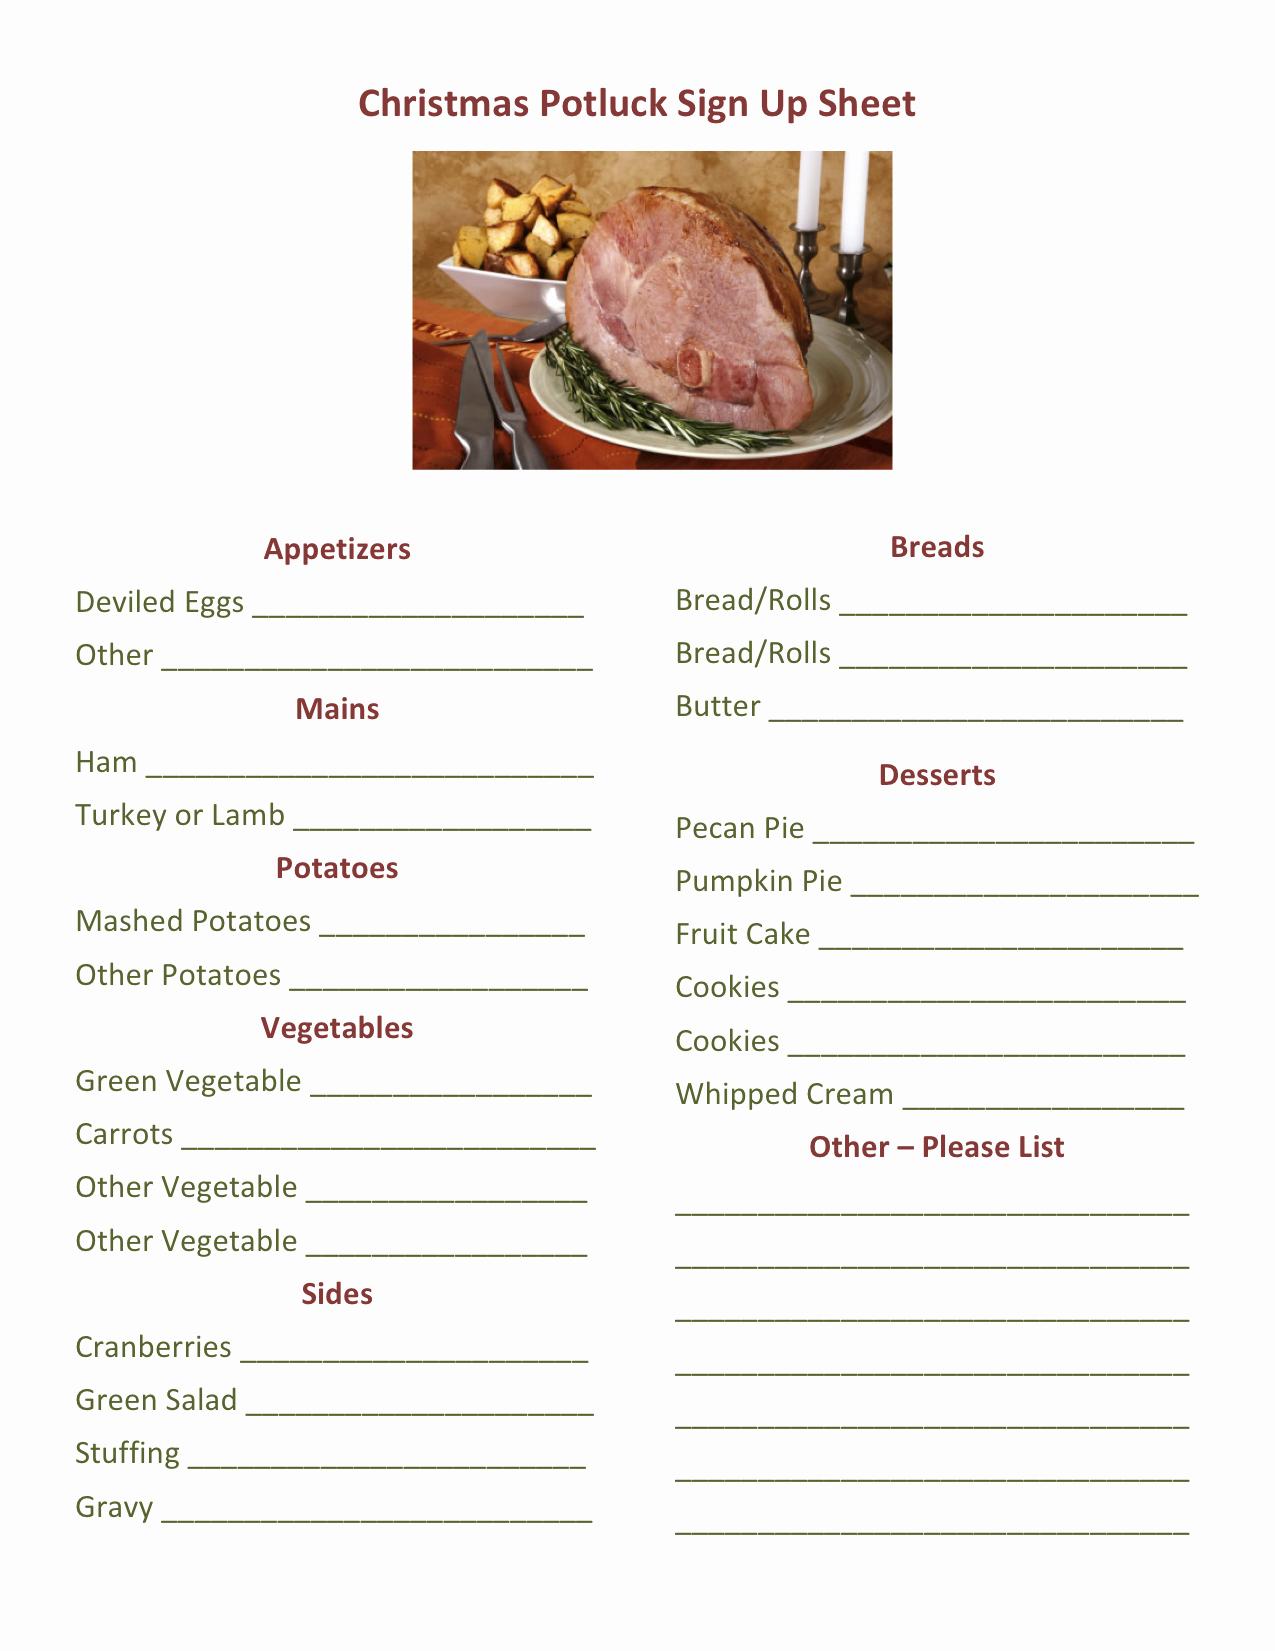 Christmas Potluck Sign Up Sheet Awesome Christmas Potluck Signup Printable